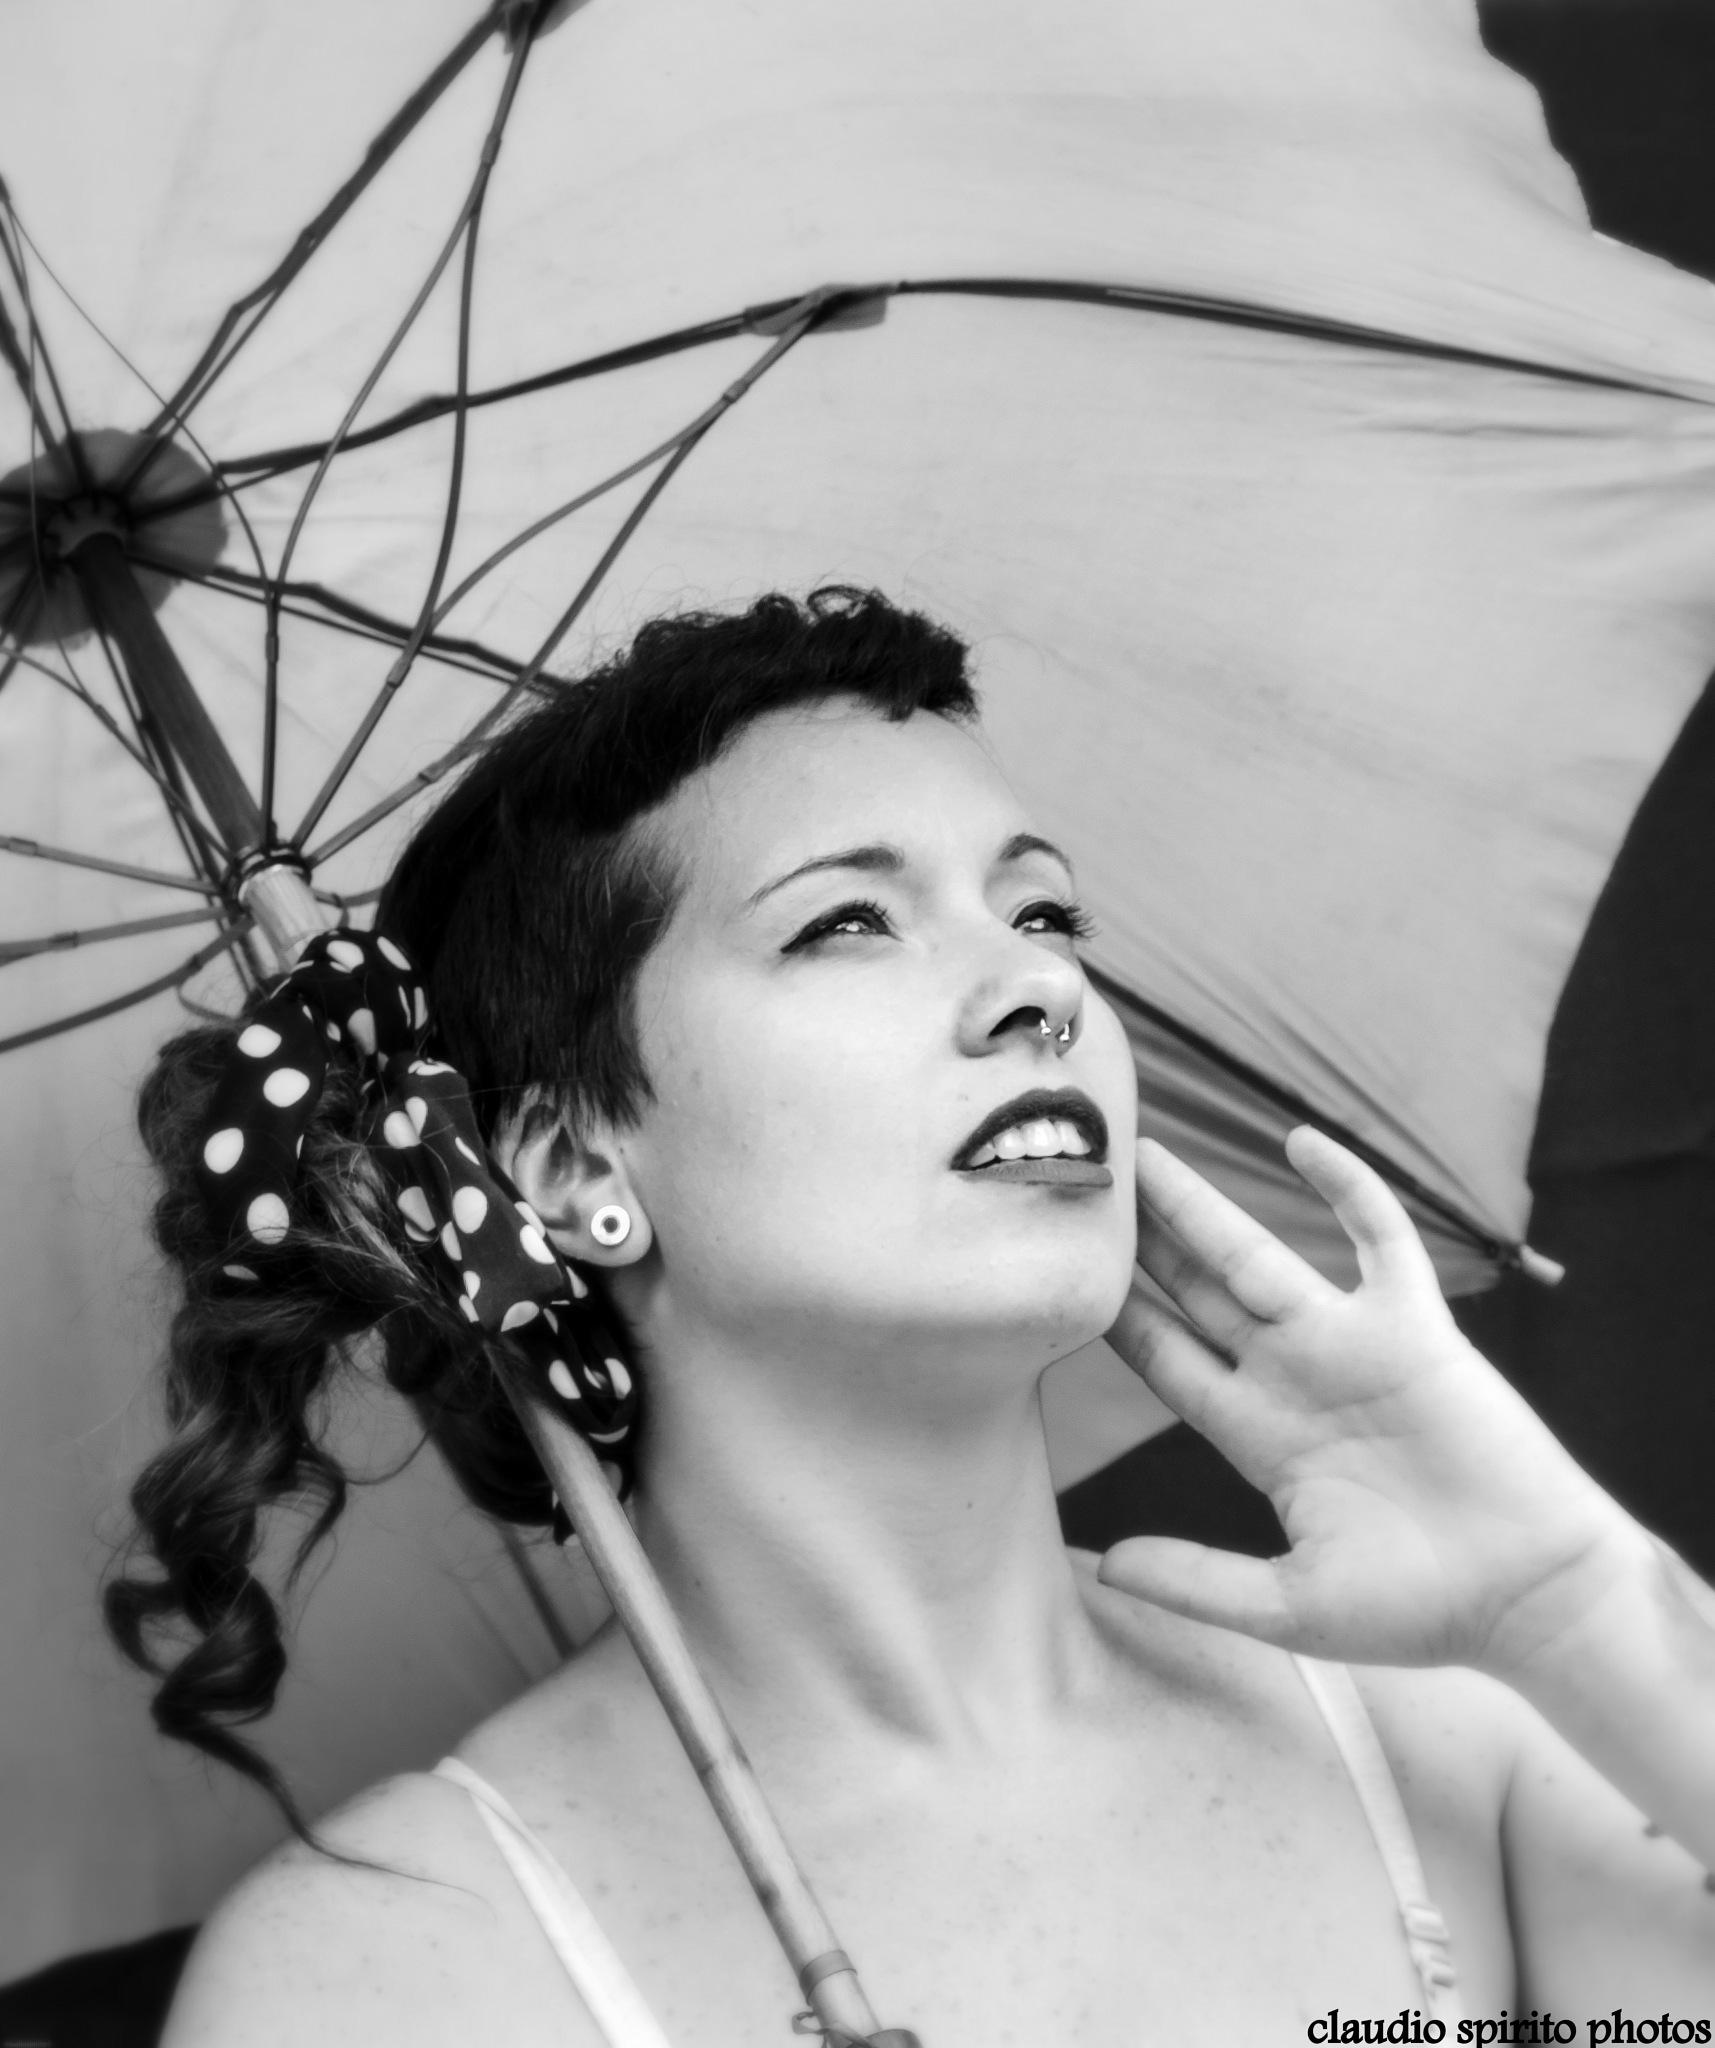 Its raining by claudio.spirito.7